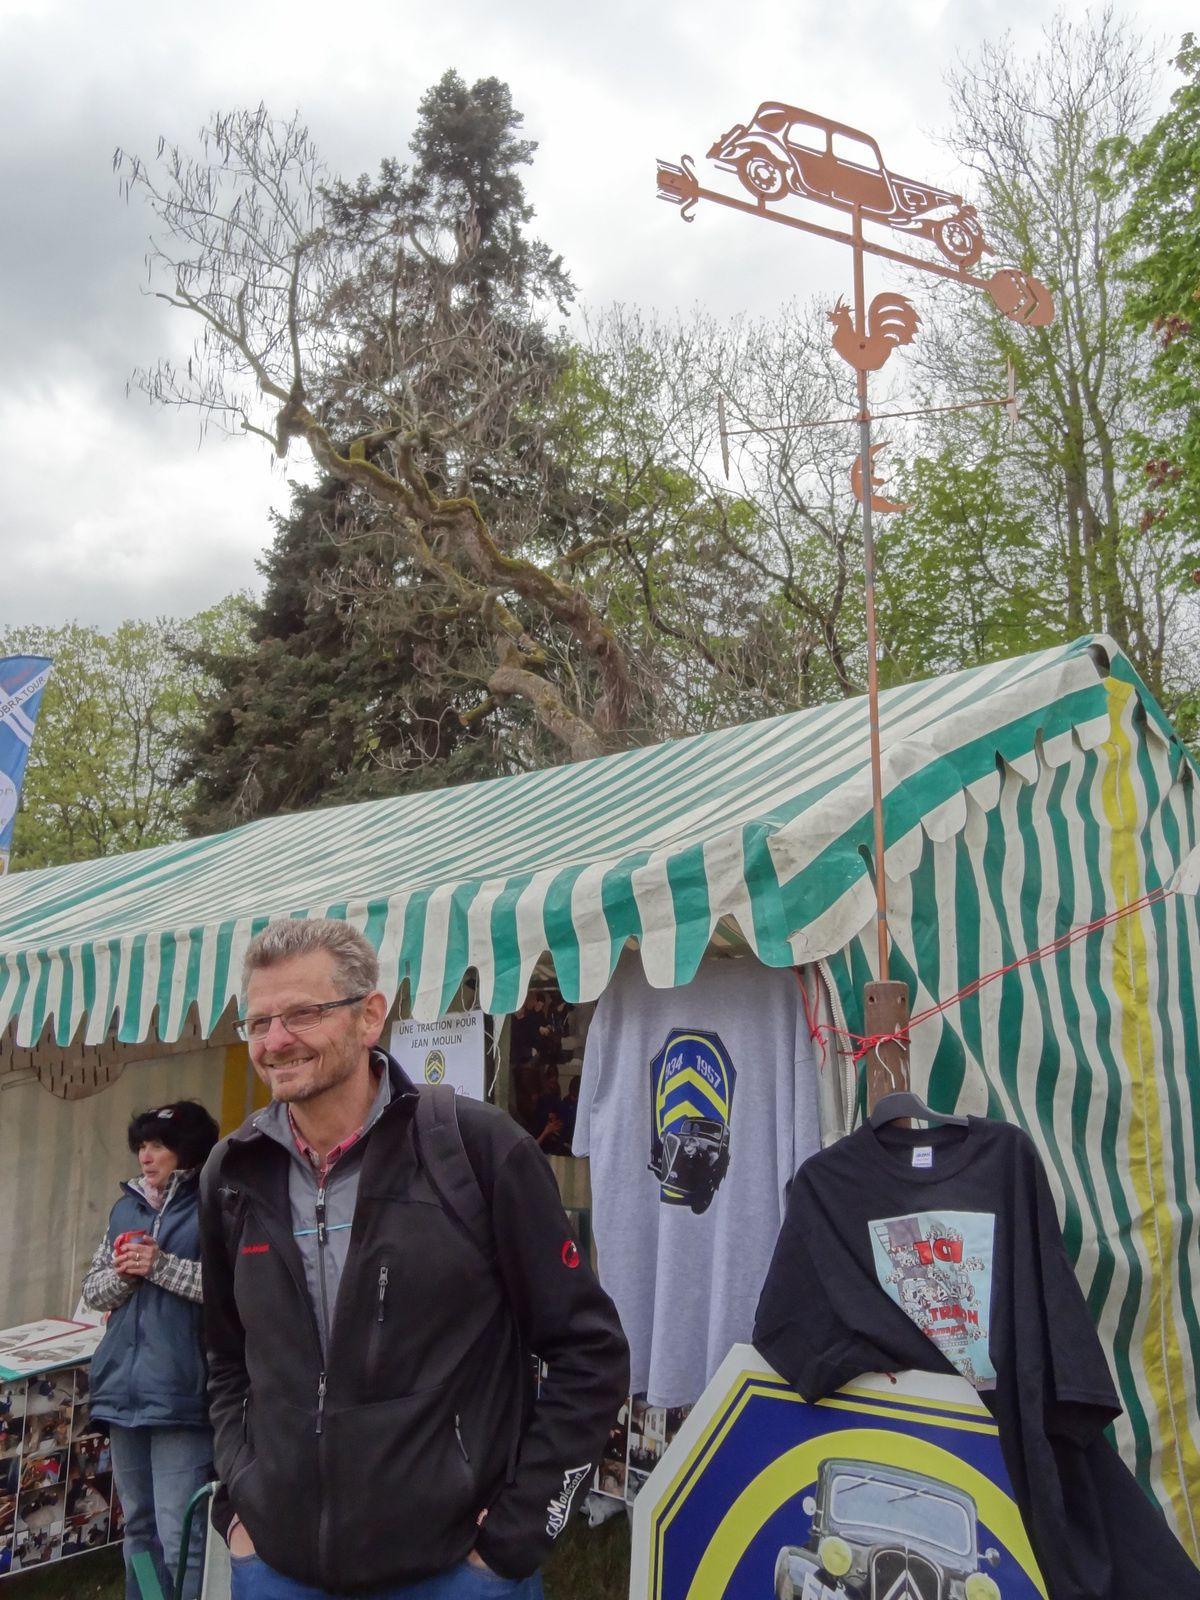 Marco, notre ami Suisse, représentant du club Citroên 34-57.